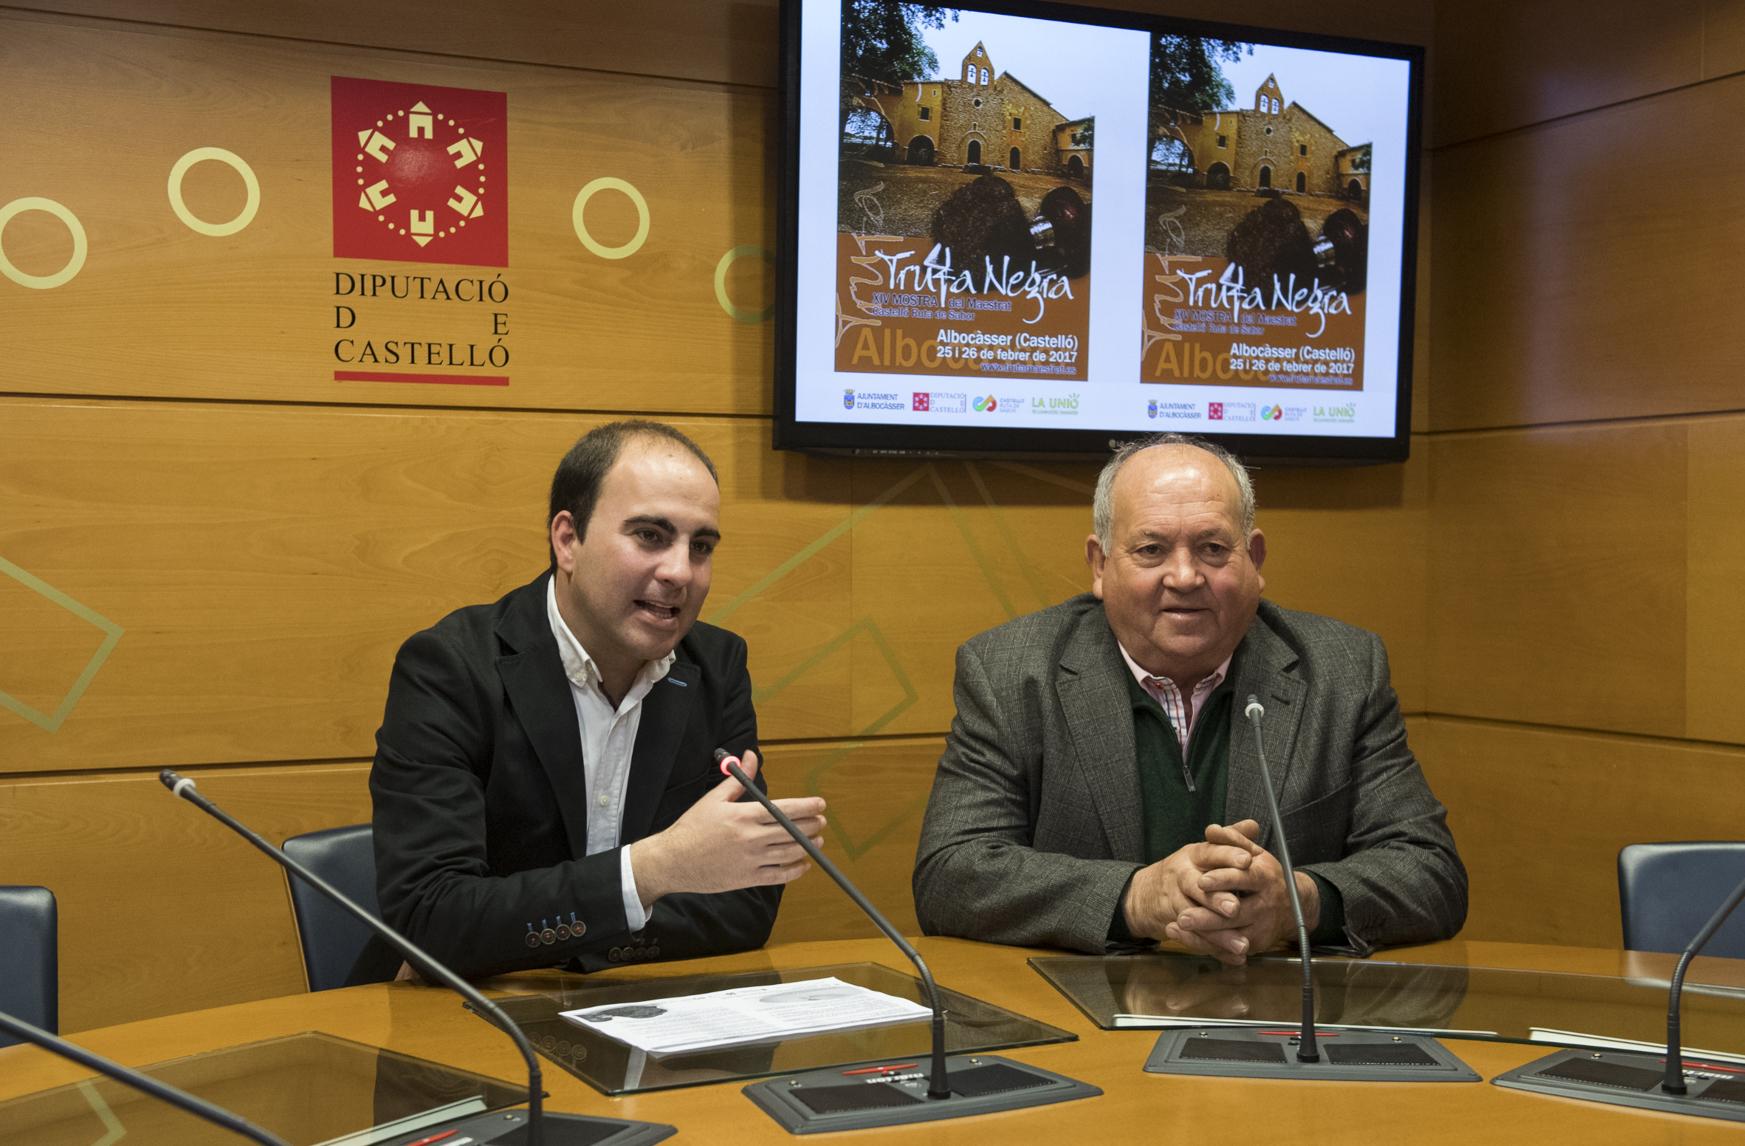 Diputación consolida el patrimonio gastronómico como generador de riqueza en el interior de la provincia